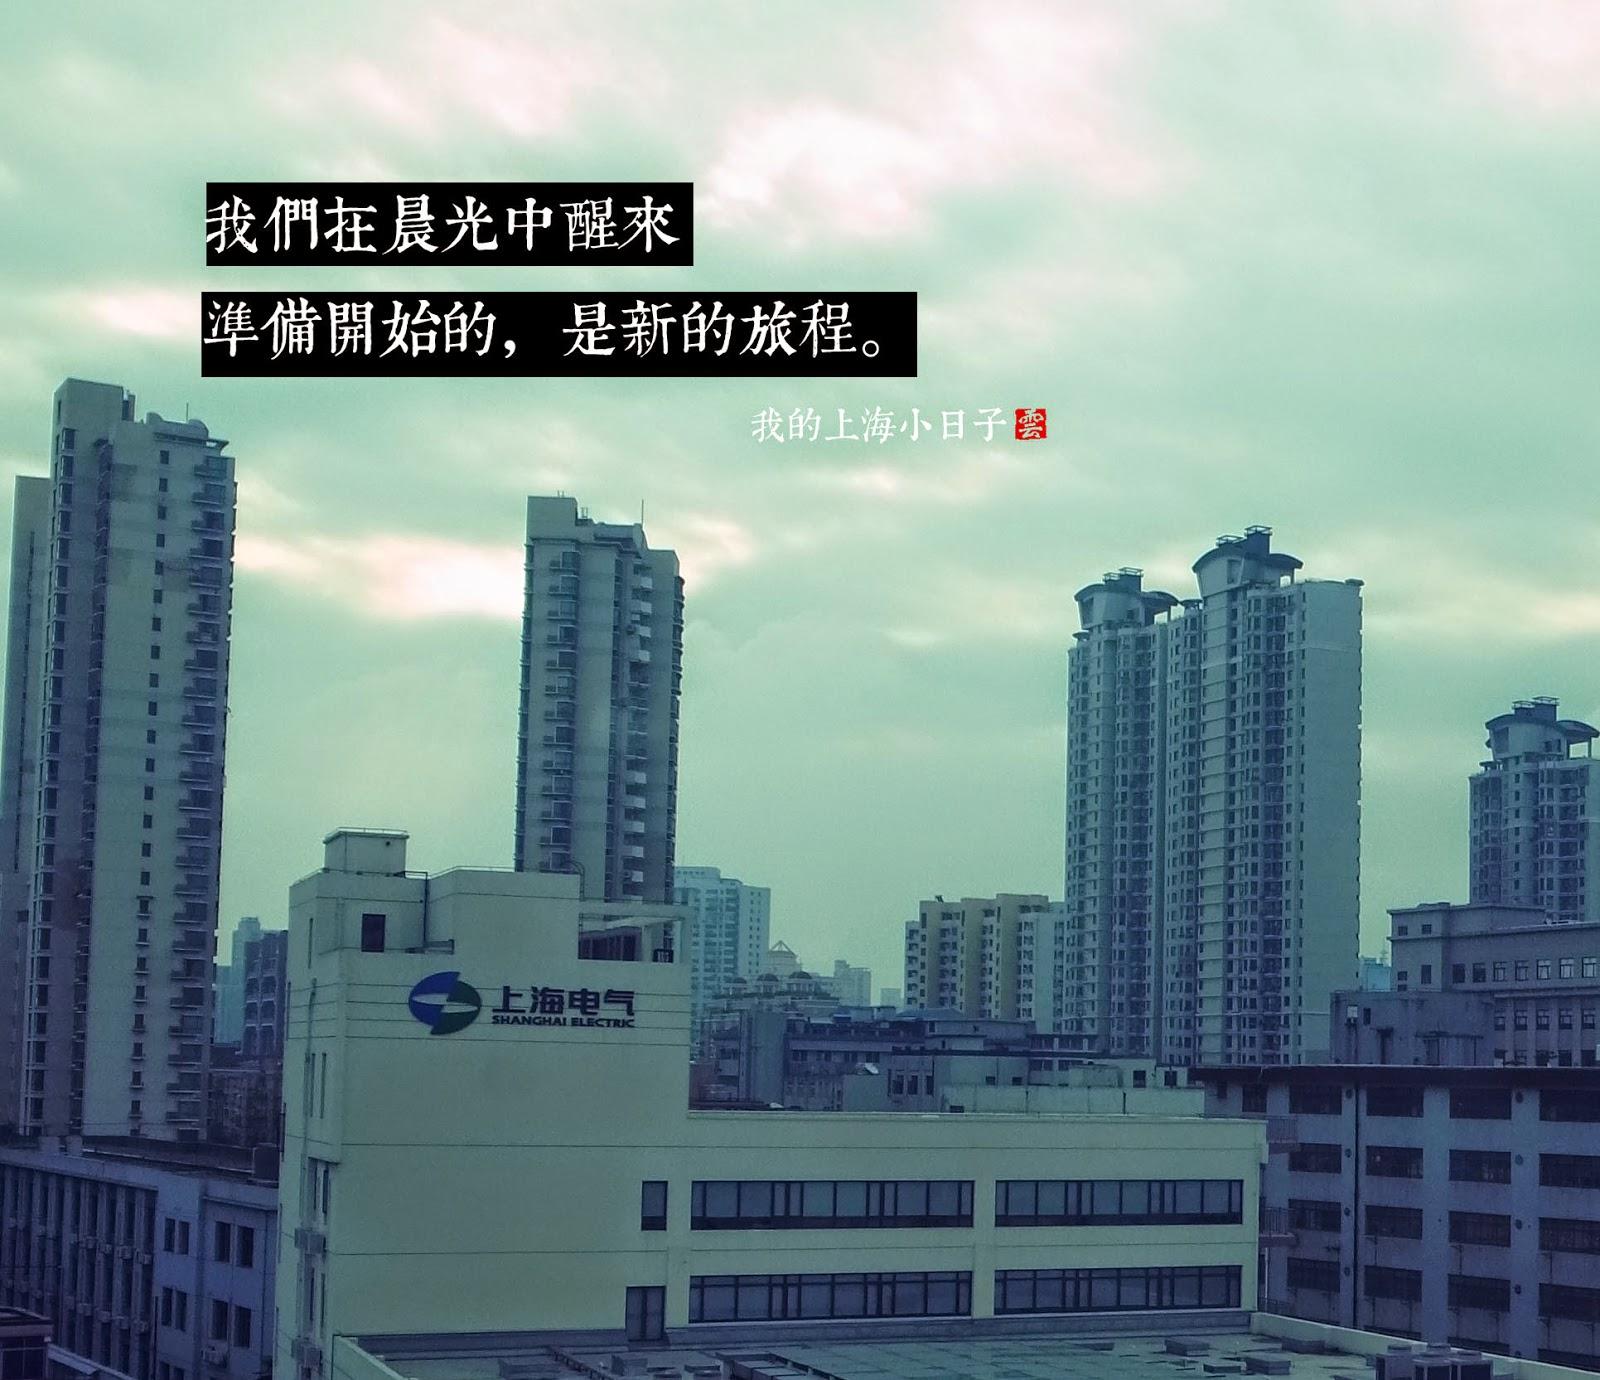 [旅遊] 上海出差記事